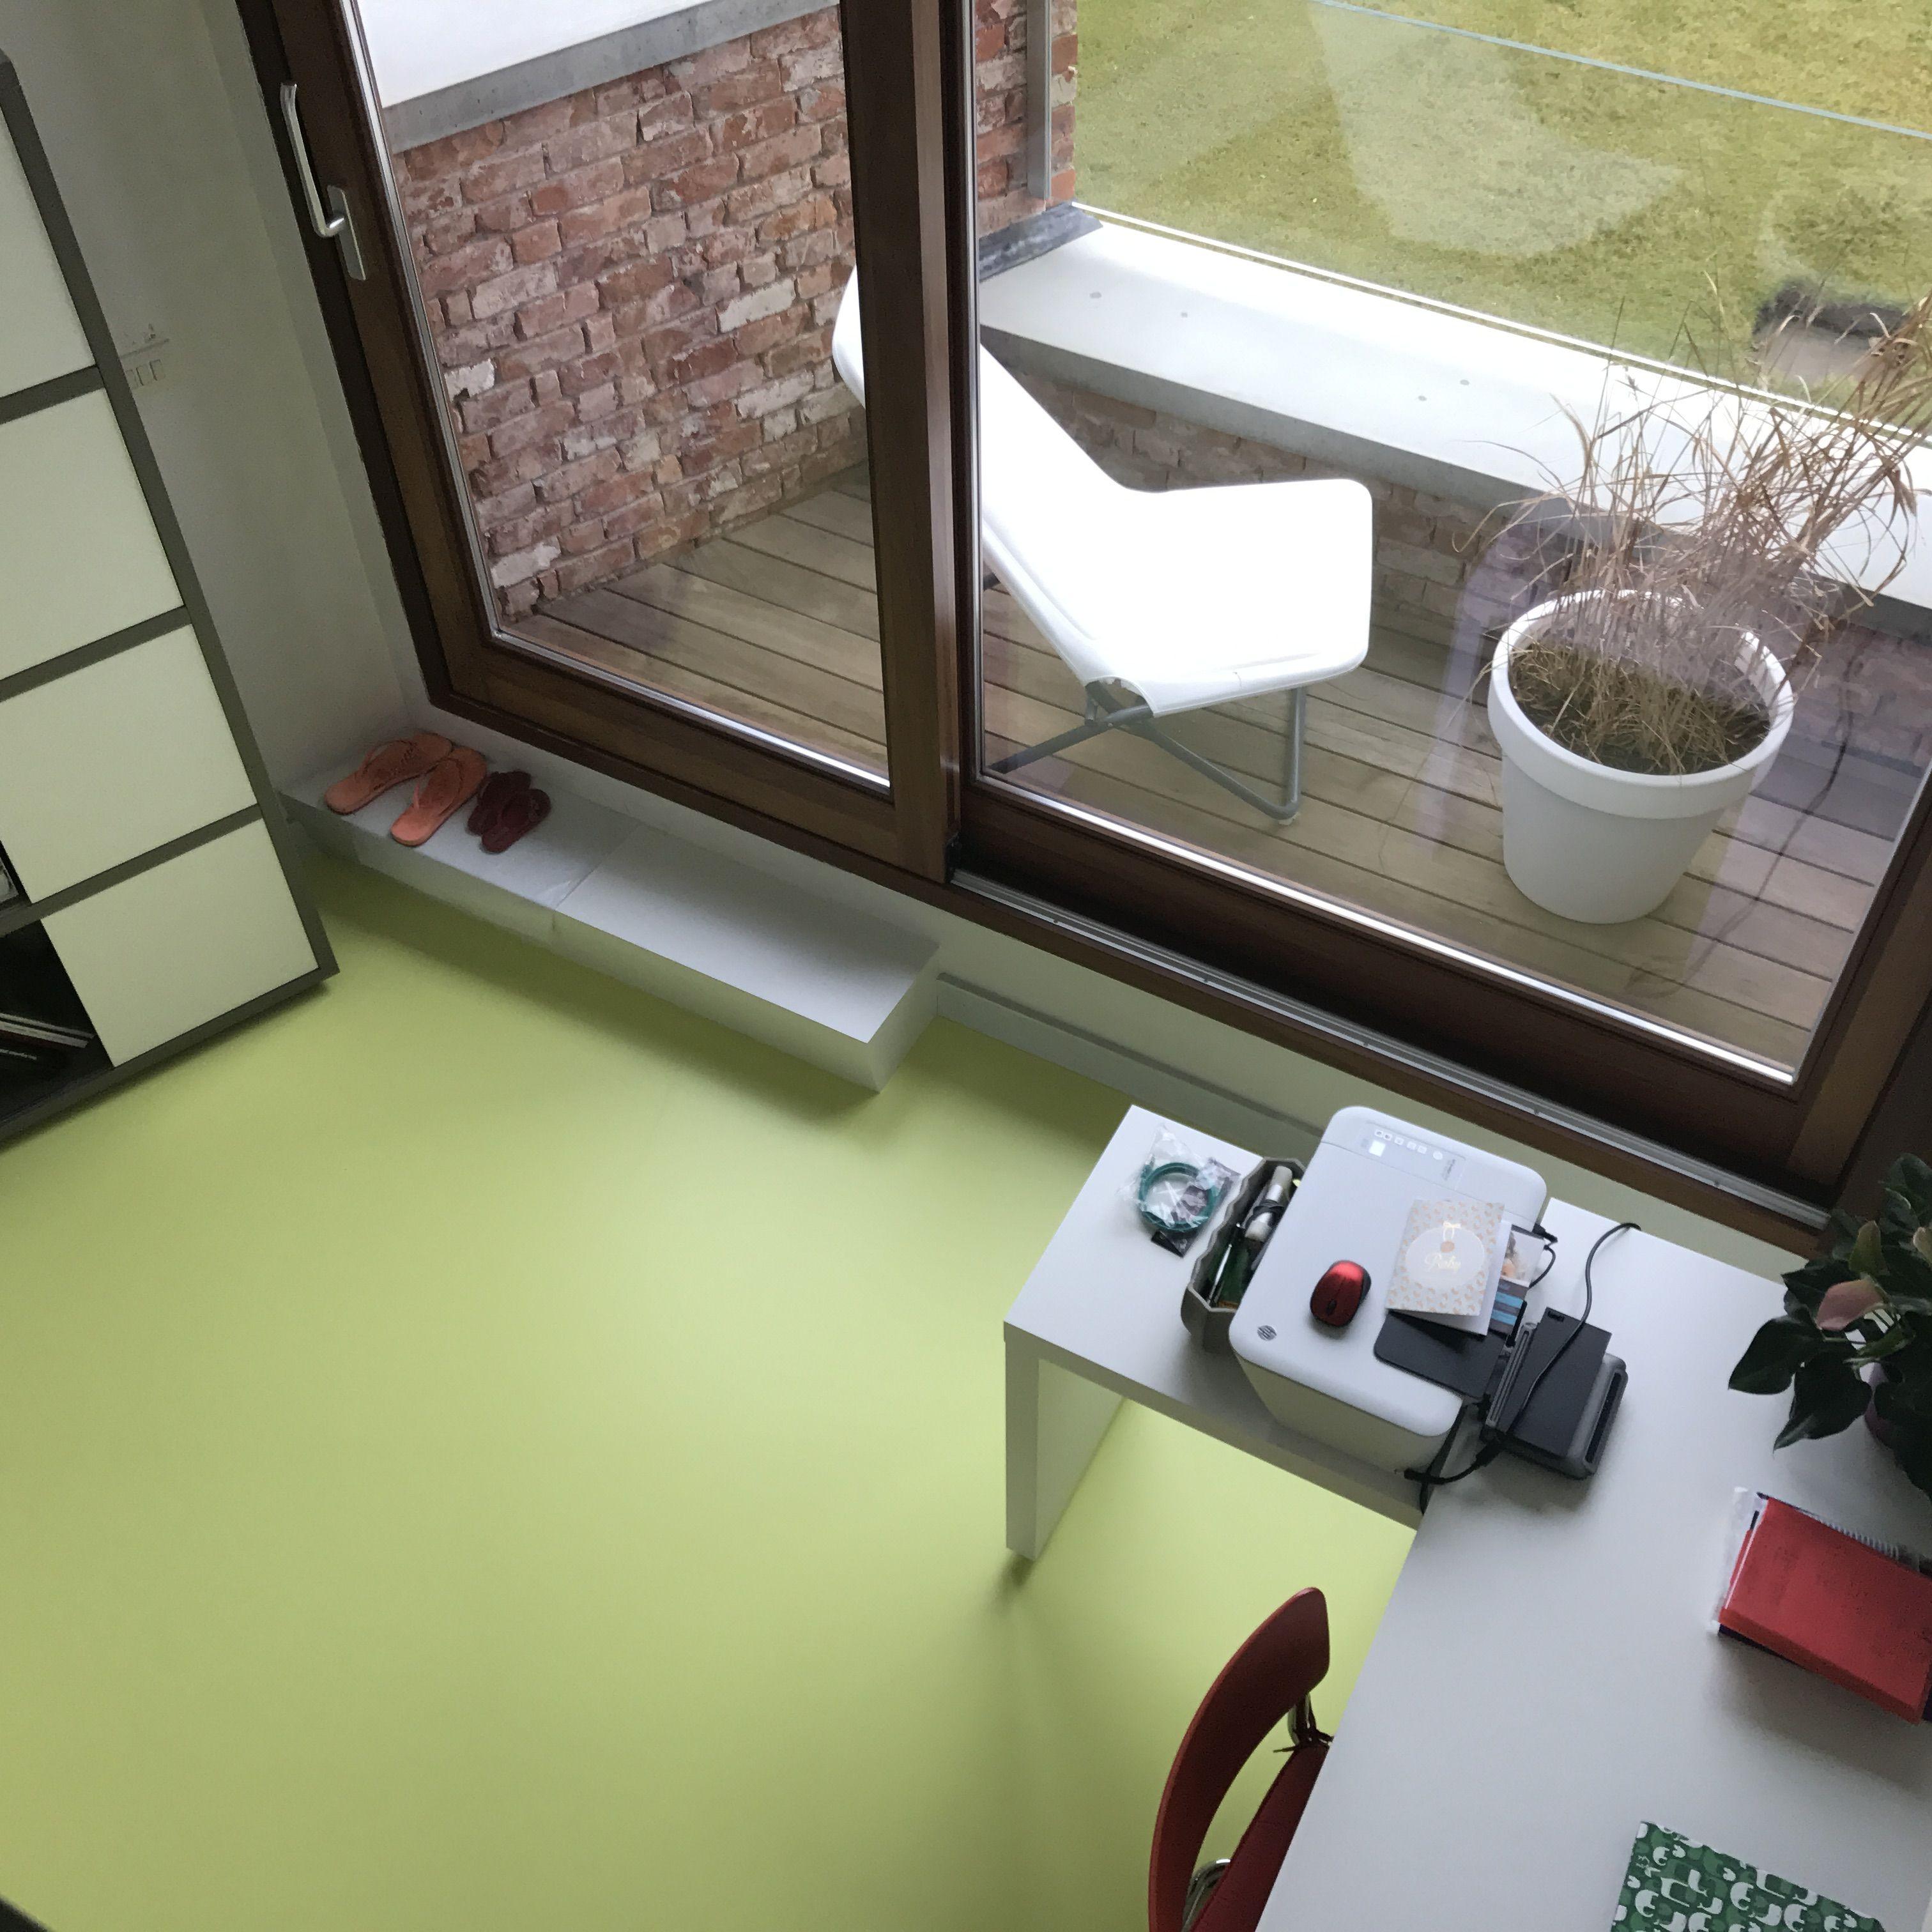 geef kleur aan uw interieur met een alterieur gietvloer breng